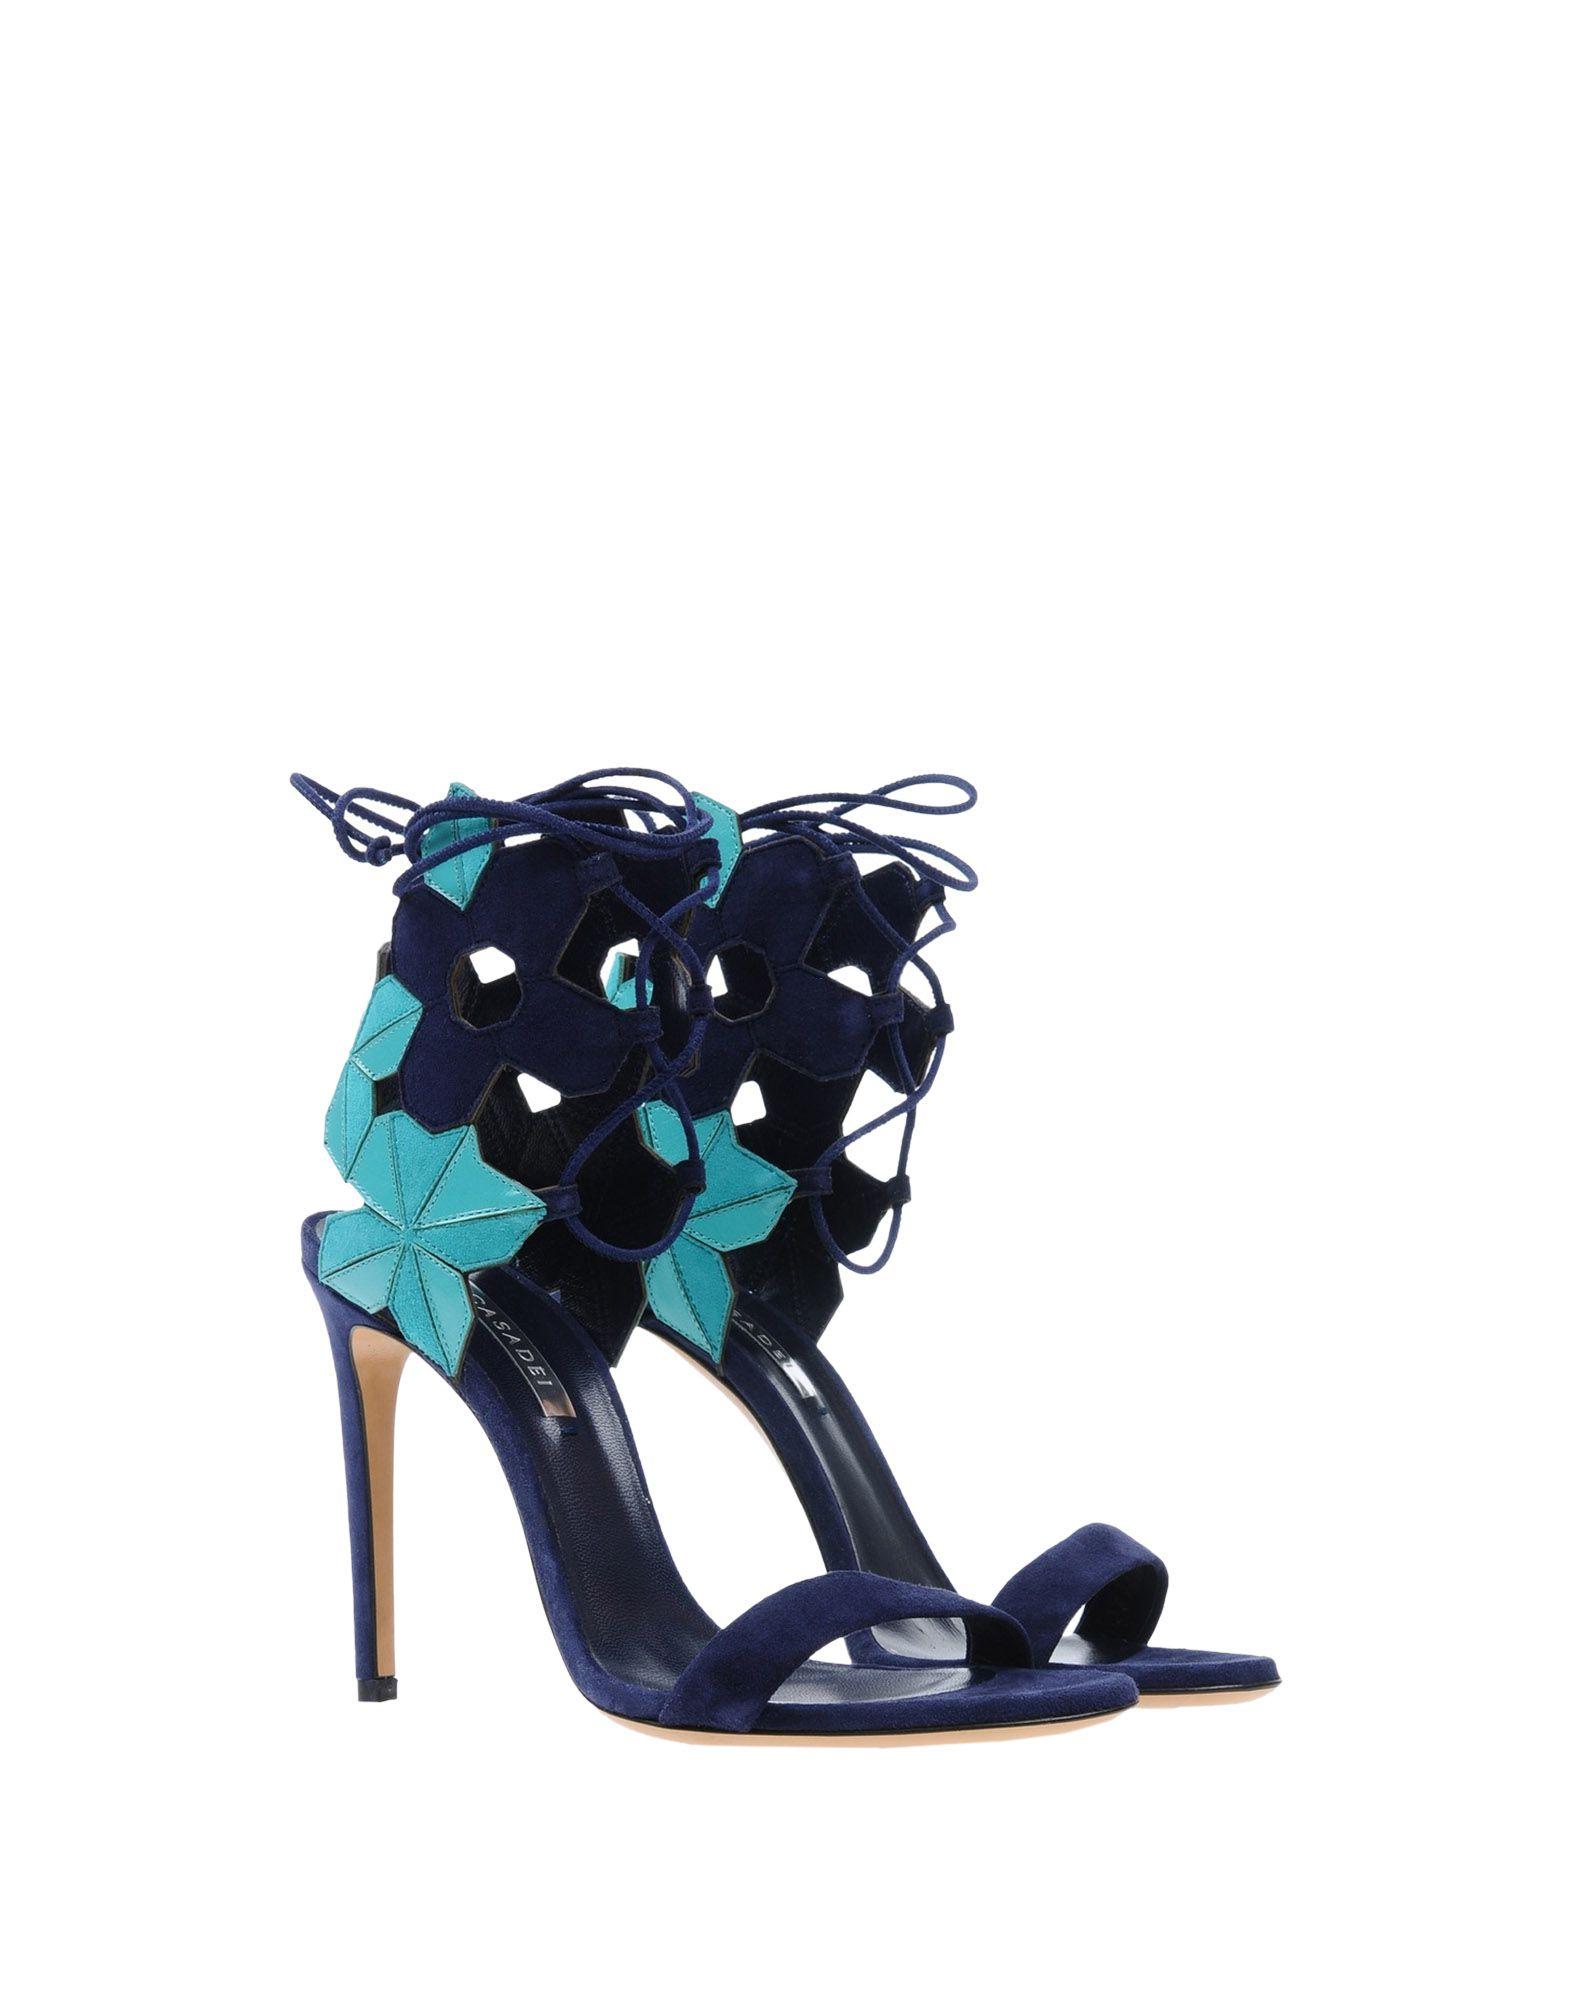 Casadei Sandalen Damen  11215398HEGünstige Schuhe gut aussehende Schuhe 11215398HEGünstige 587053